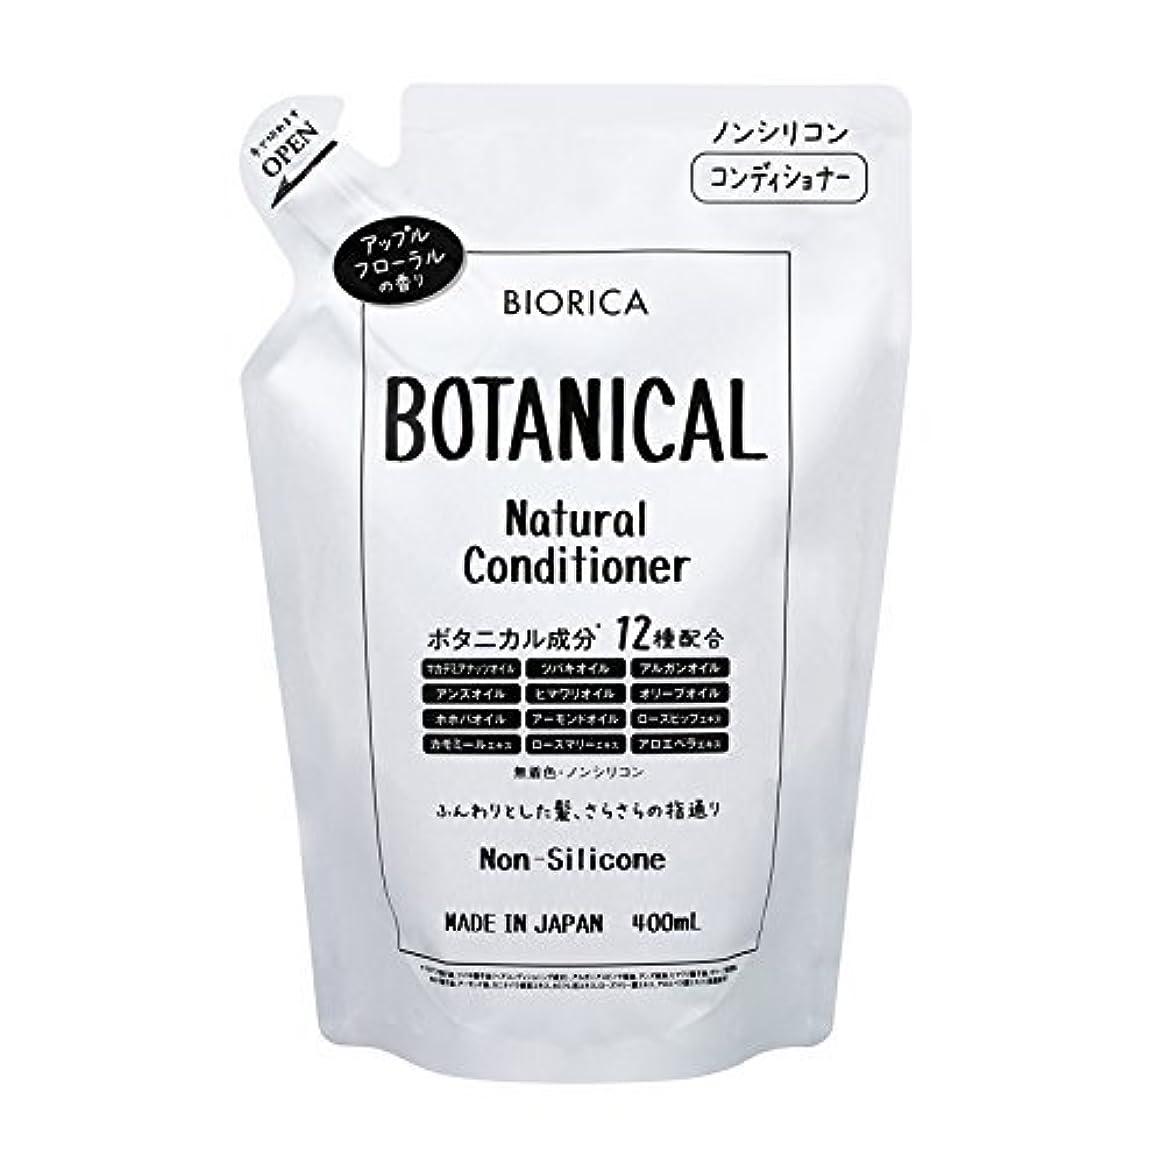 スケート意見磁石BIORICA ビオリカ ボタニカル ノンシリコン コンディショナー 詰め替え アップルフローラルの香り 400ml 日本製